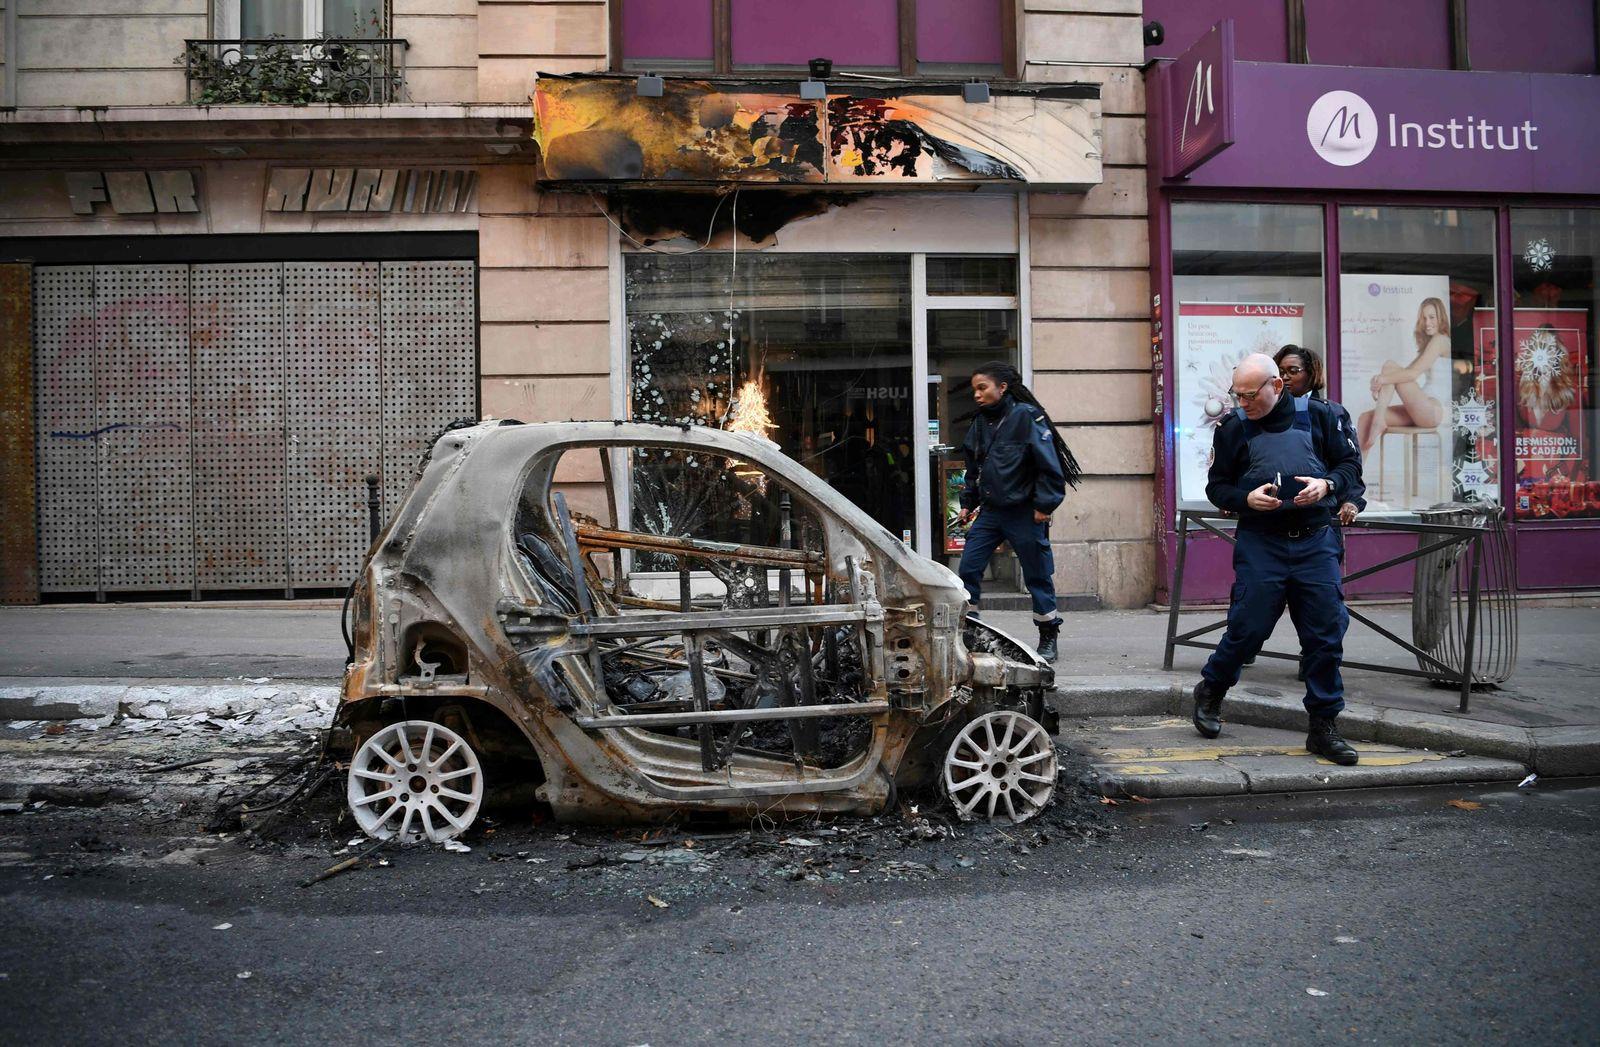 Frankreich/ Paris/ Proteste/ Gelbwesten